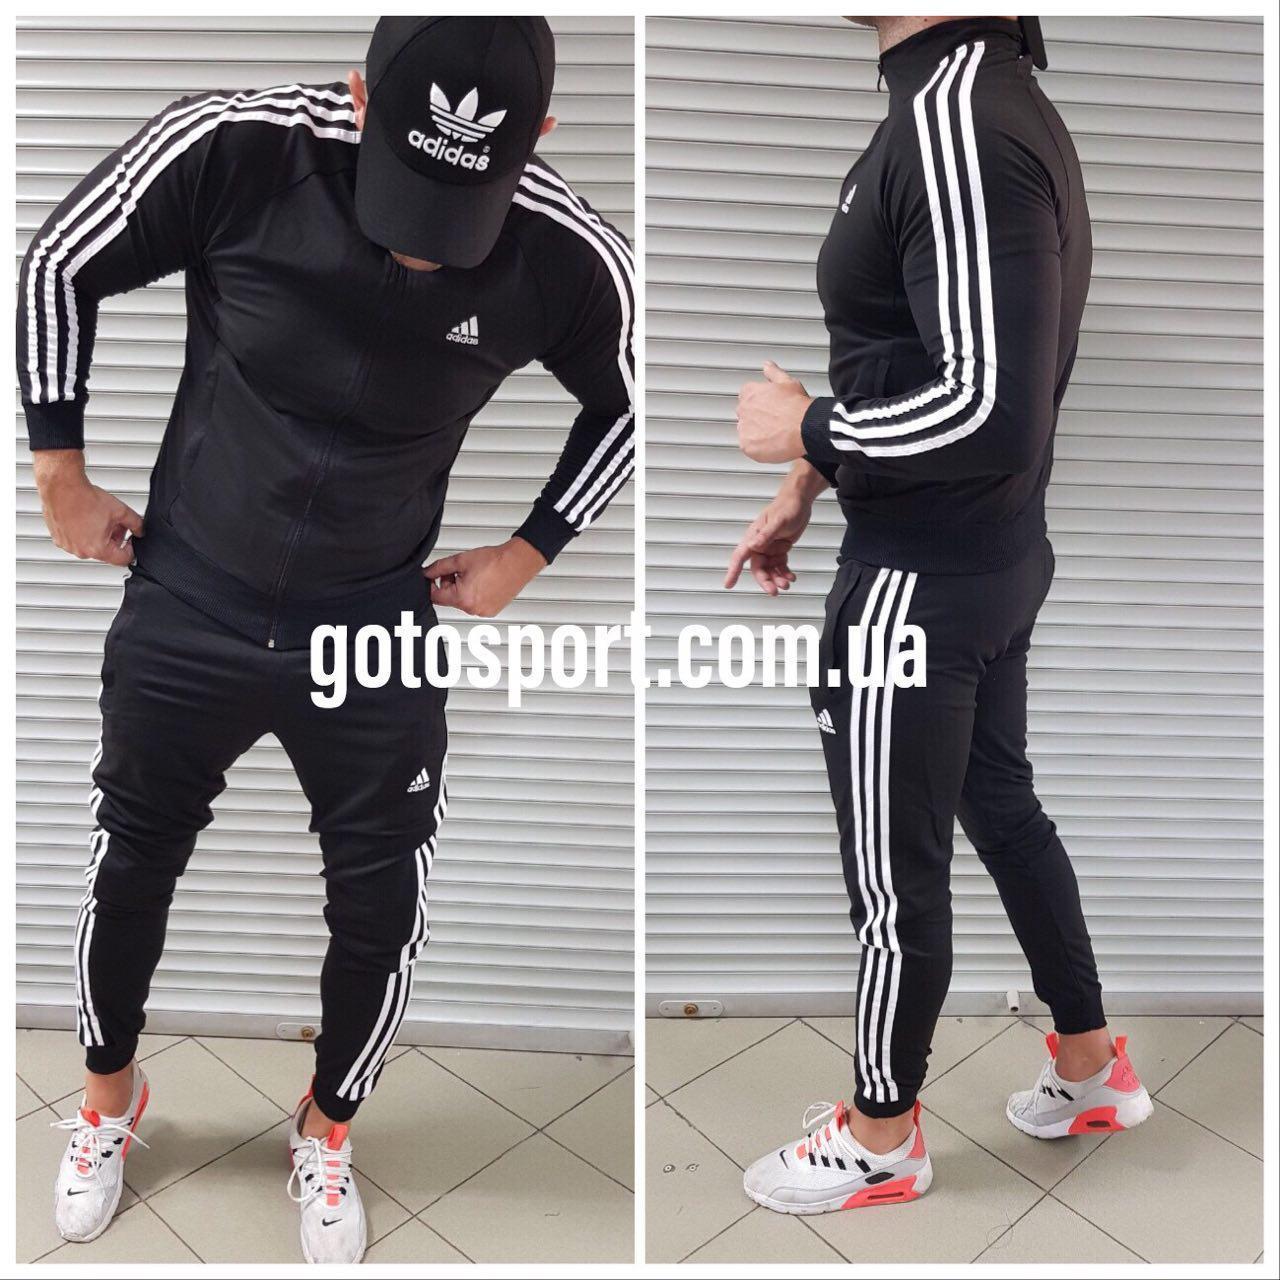 Мужской спортивный костюм Adidas Intransigence